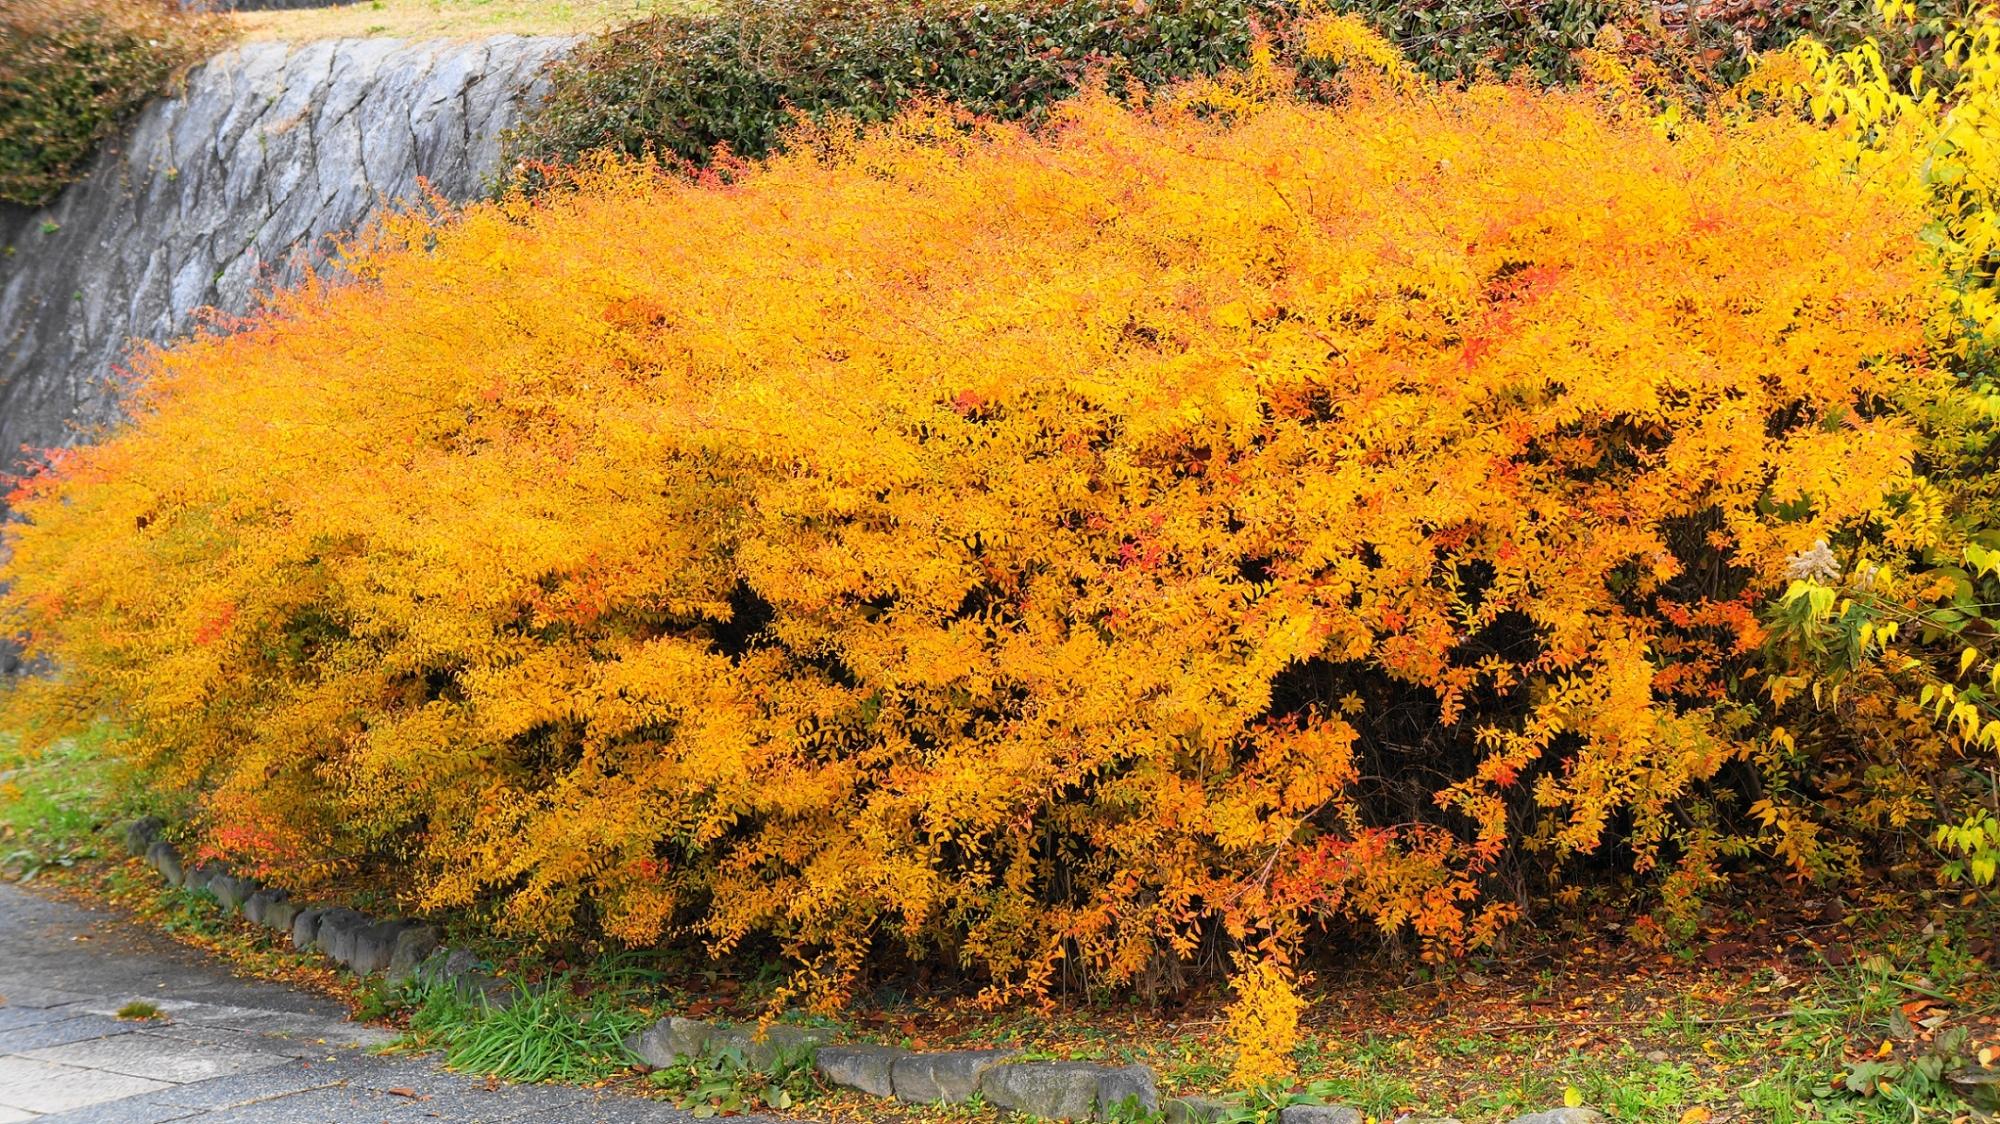 鴨川の雪柳のオレンジ色の鮮やかな紅葉